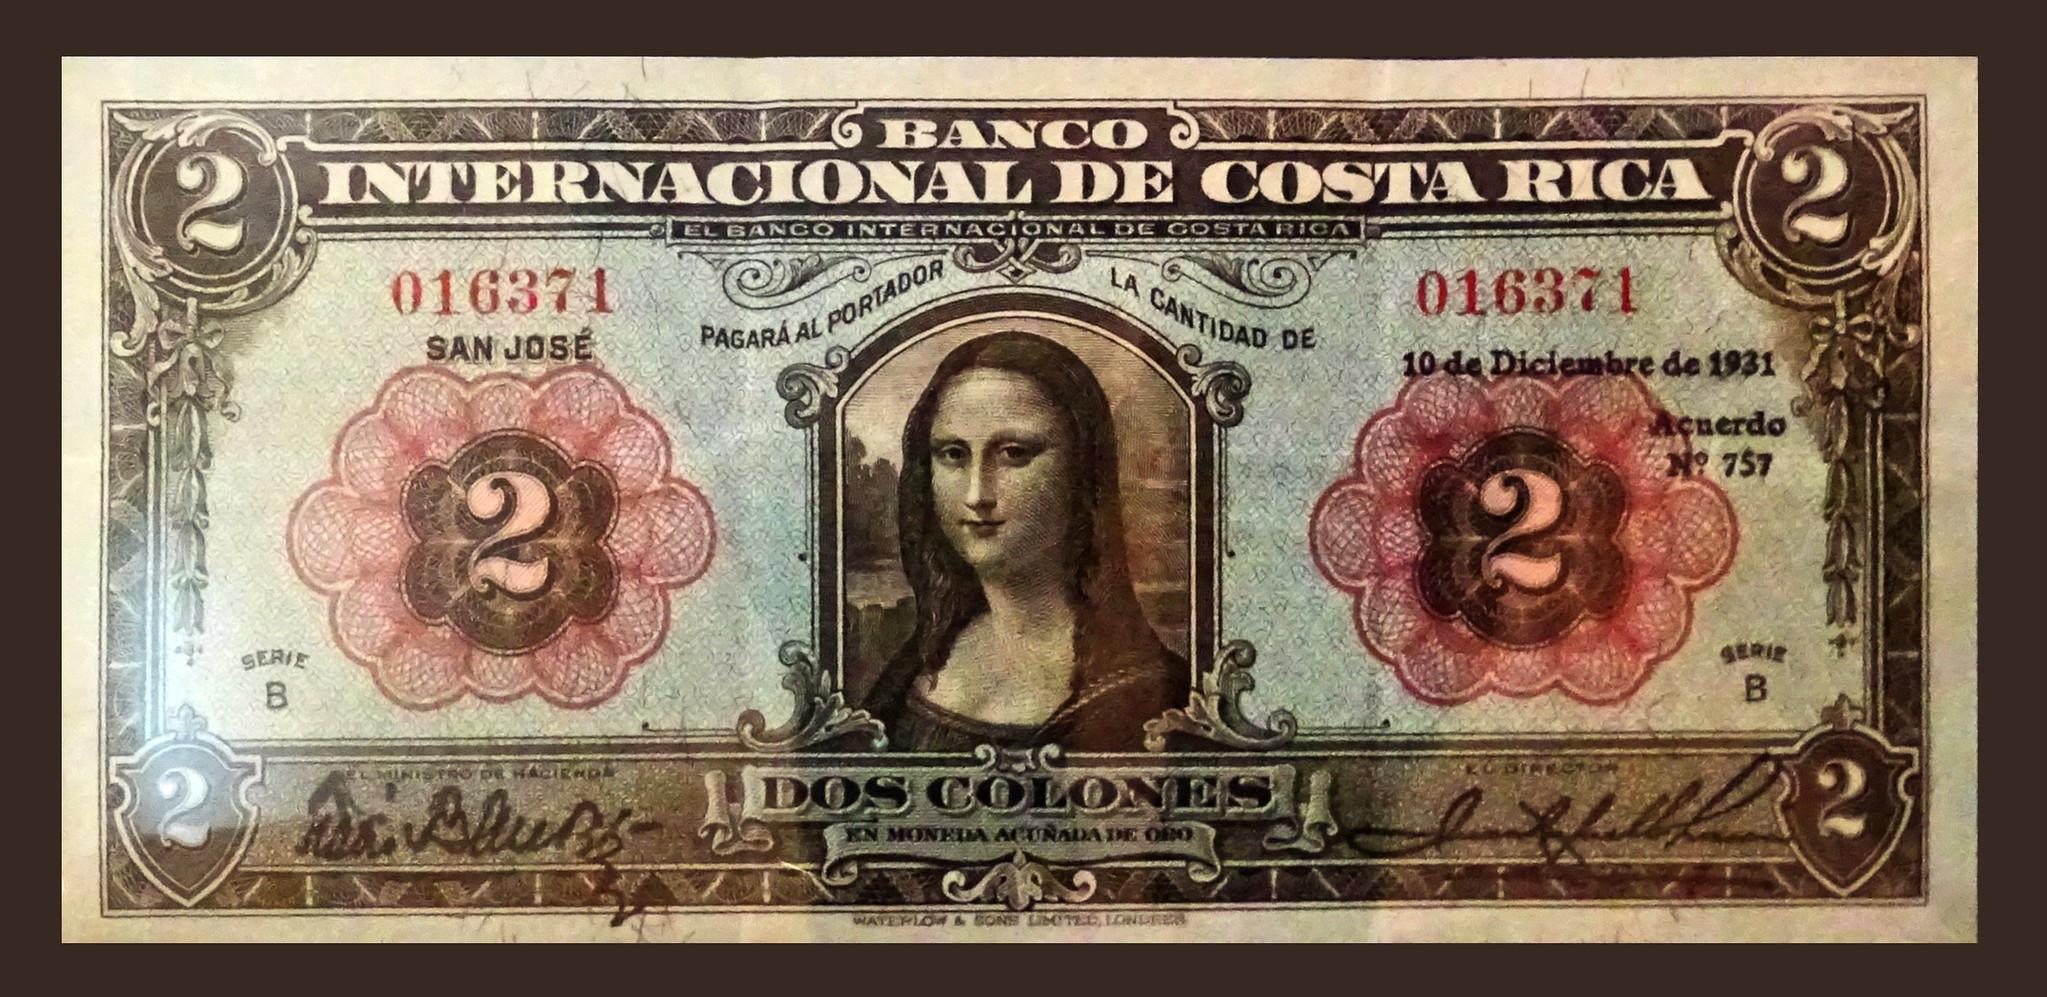 imagen de la Gioconda dos colones Billete 1931 de Costa Rica Museo Numismática Banco Central San José de Costa Rica 08